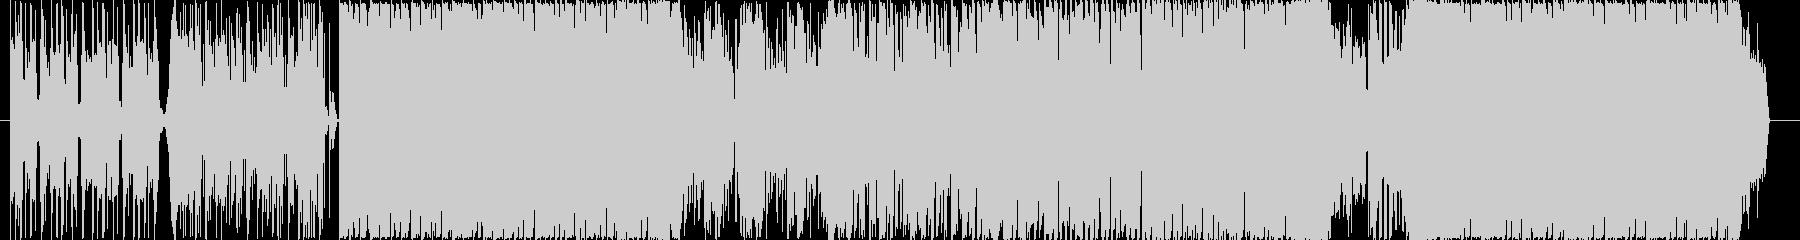 ボーカルチョップを使ったクールなハウス系の未再生の波形